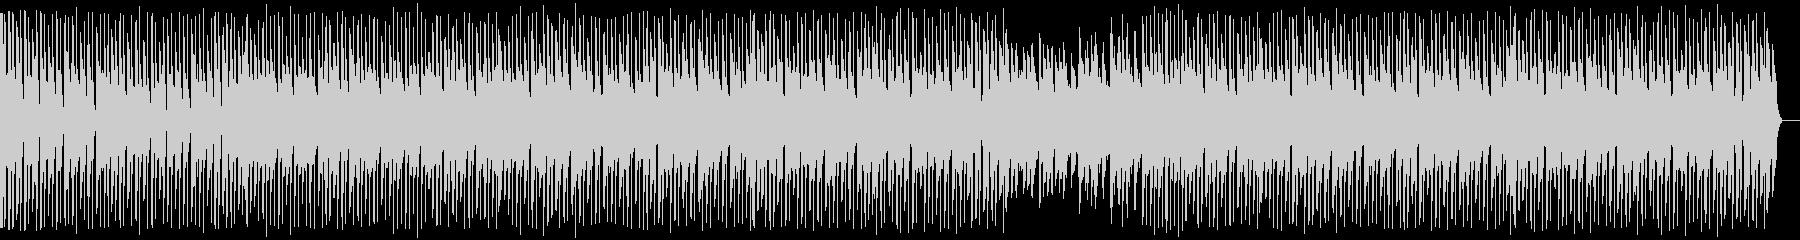 きらびやかなファンクディスコ_612_6の未再生の波形